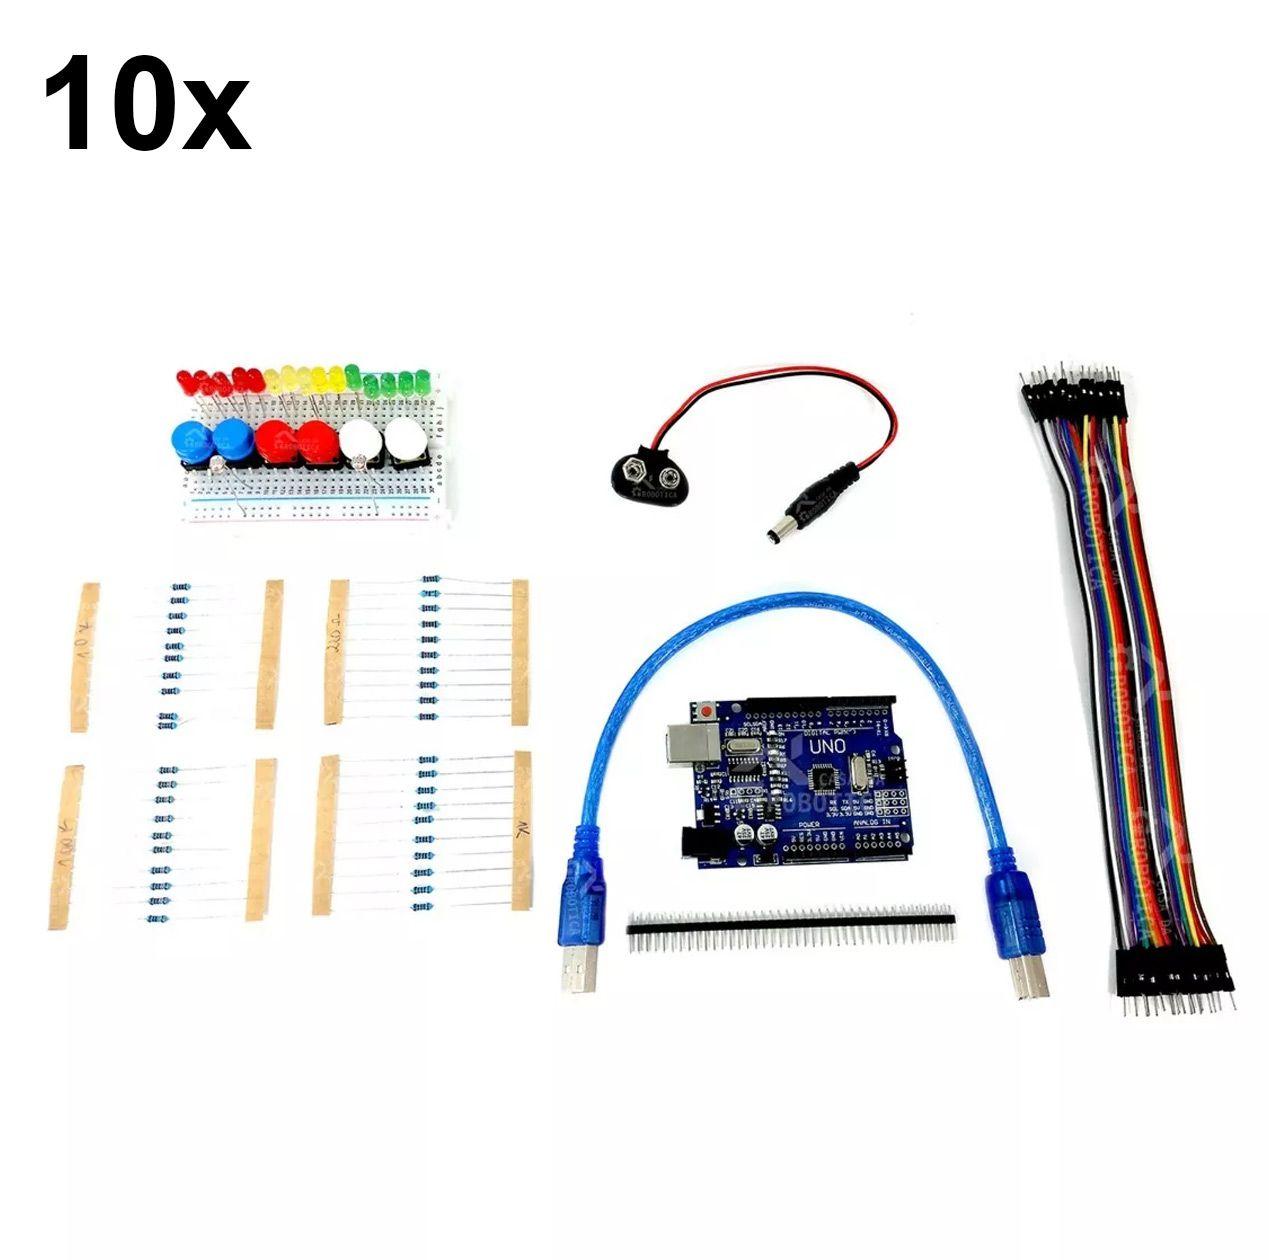 10x Kit Uno SMD R3 para Iniciantes em Arduino